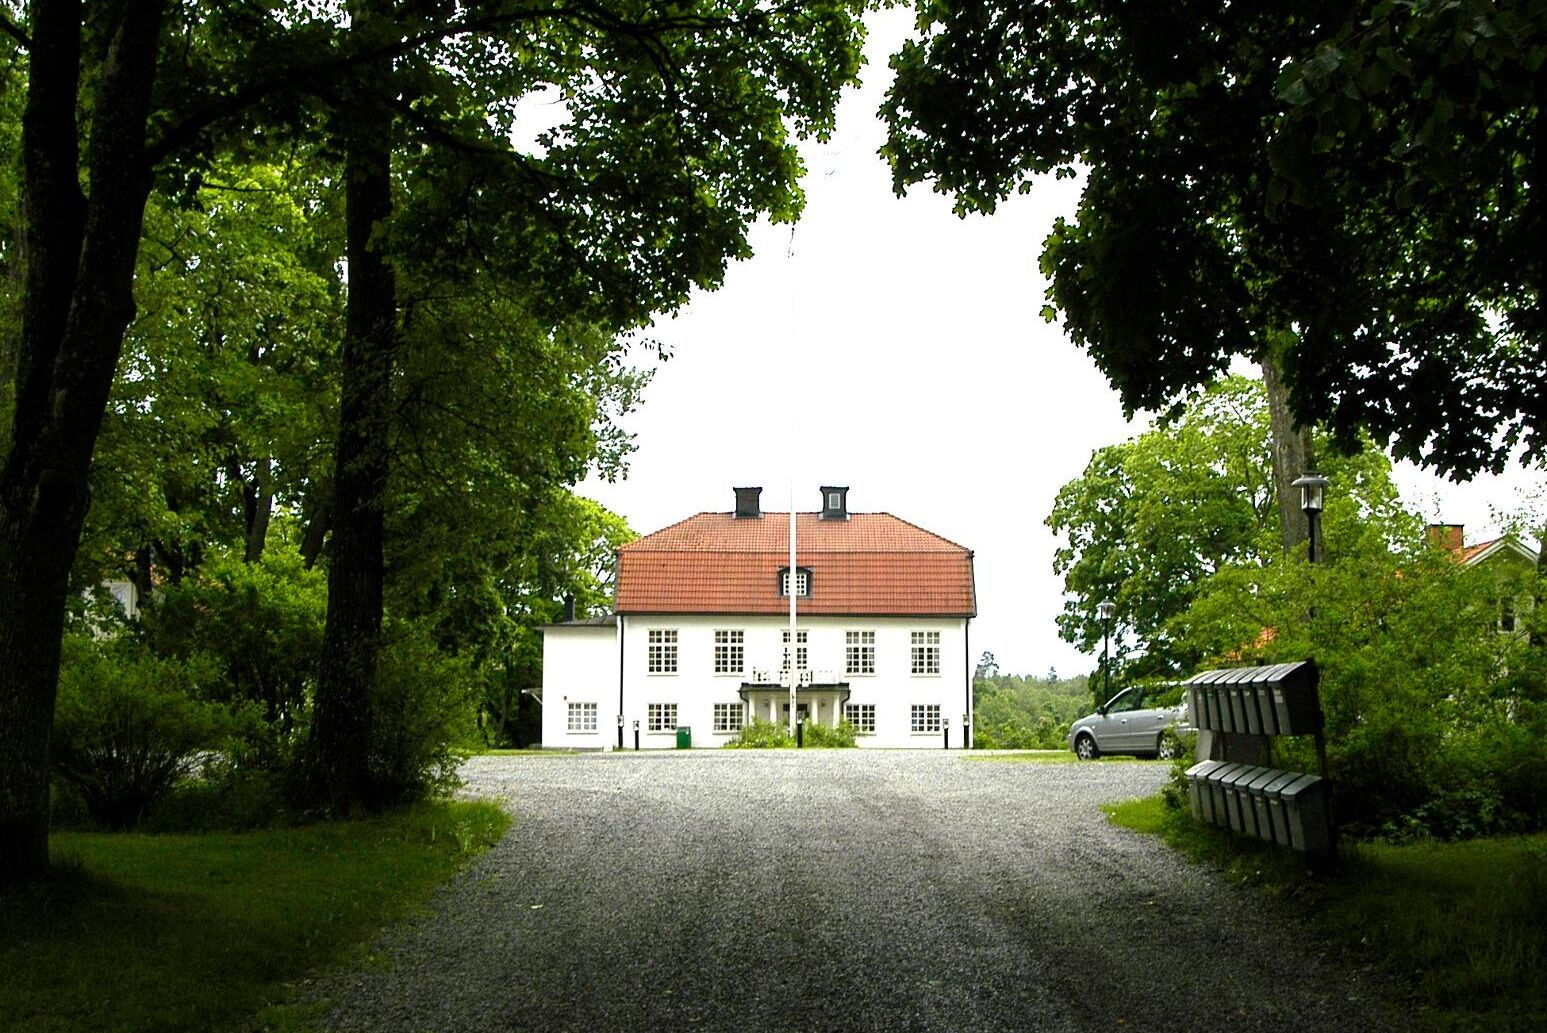 Berga Naturbruksgymnasium ligger i Haninge Kommun, strax söder om Stockholm.